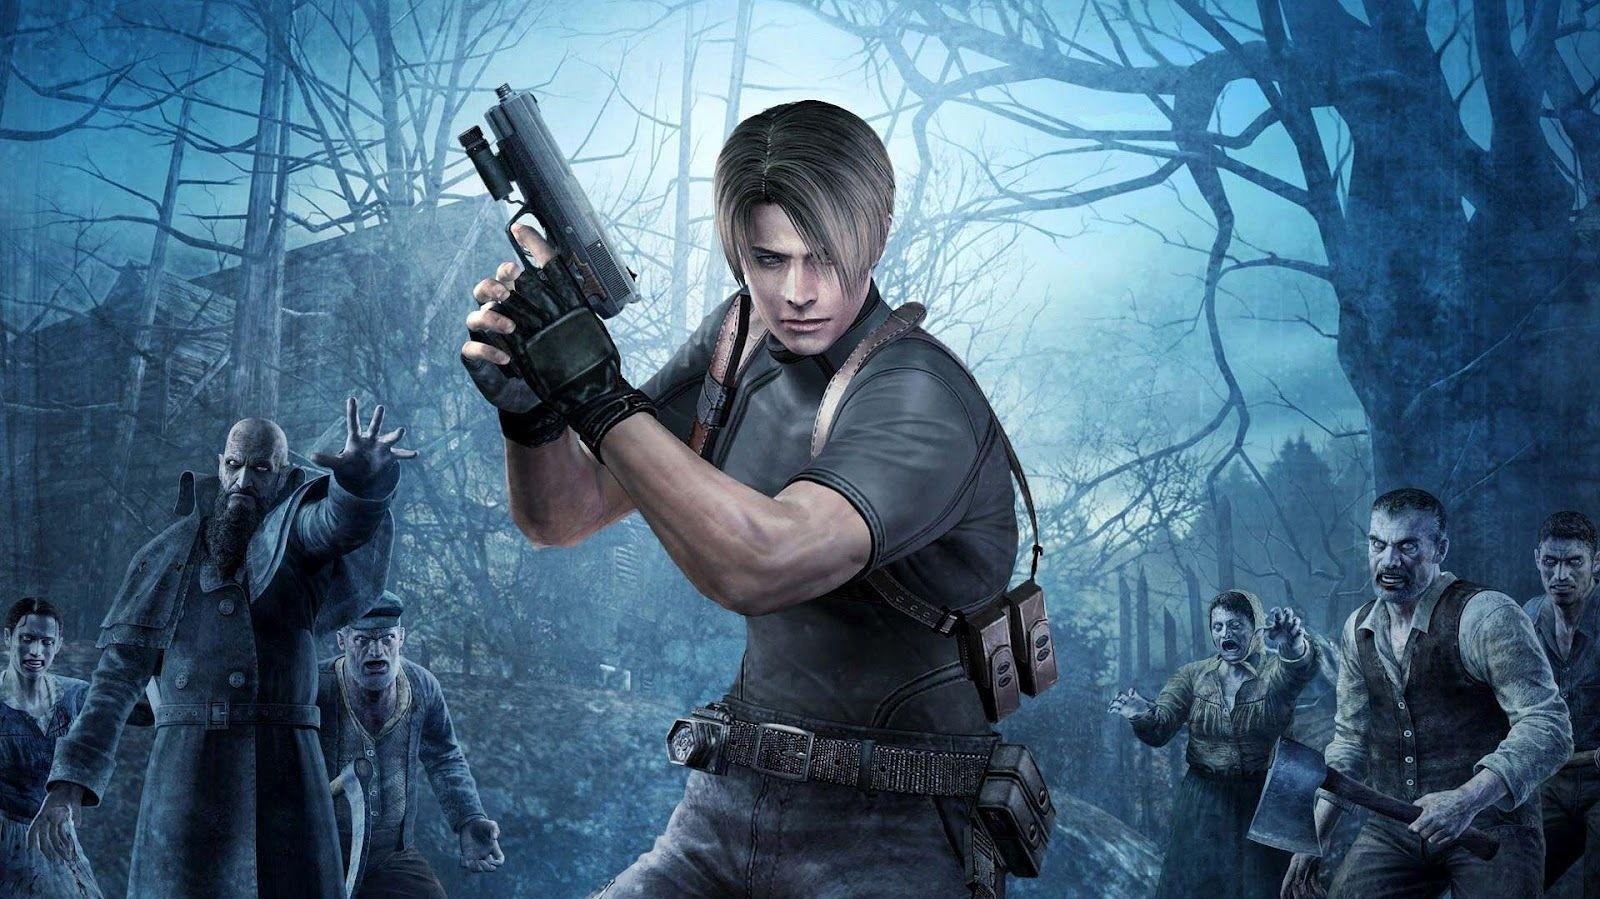 Энтузиаст улучшил графику Resident Evil 4 и сравнил свой ремейк с оригиналом